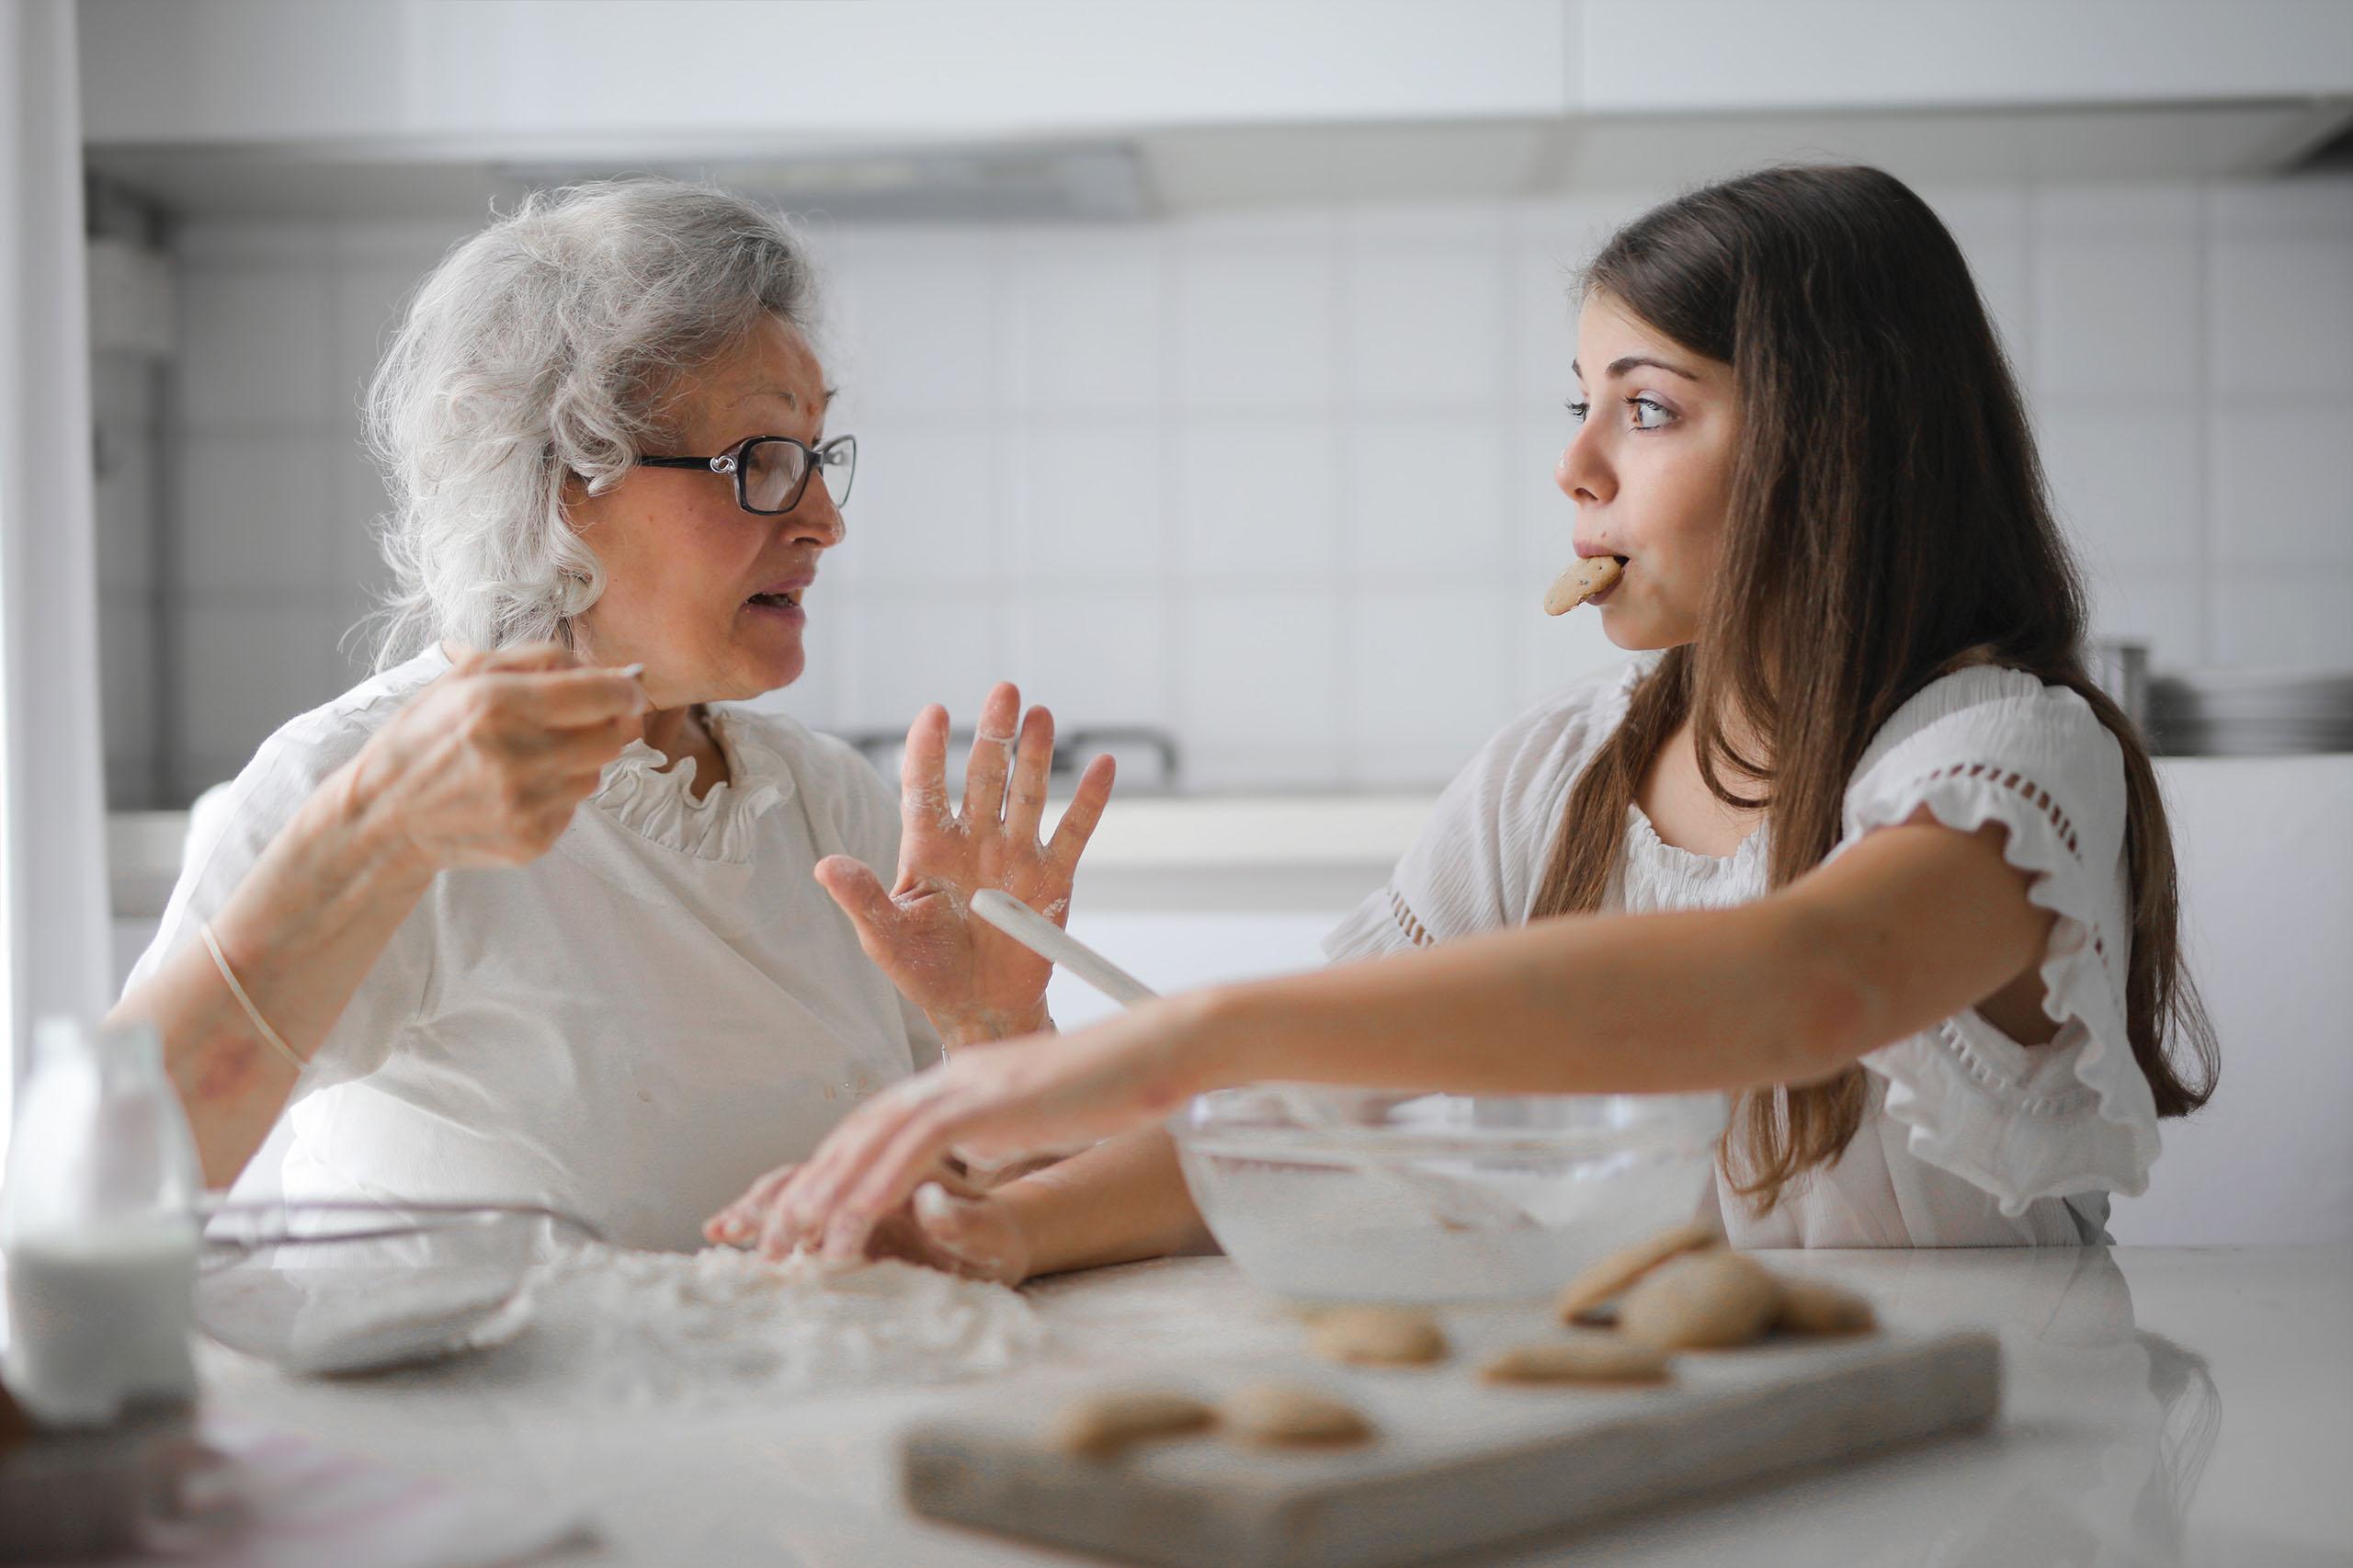 Rodinný kRok: Poznanie rodinnej histórie nás robí zdravšími – 22 zaujímavých otázok pre starých rodičov (main)